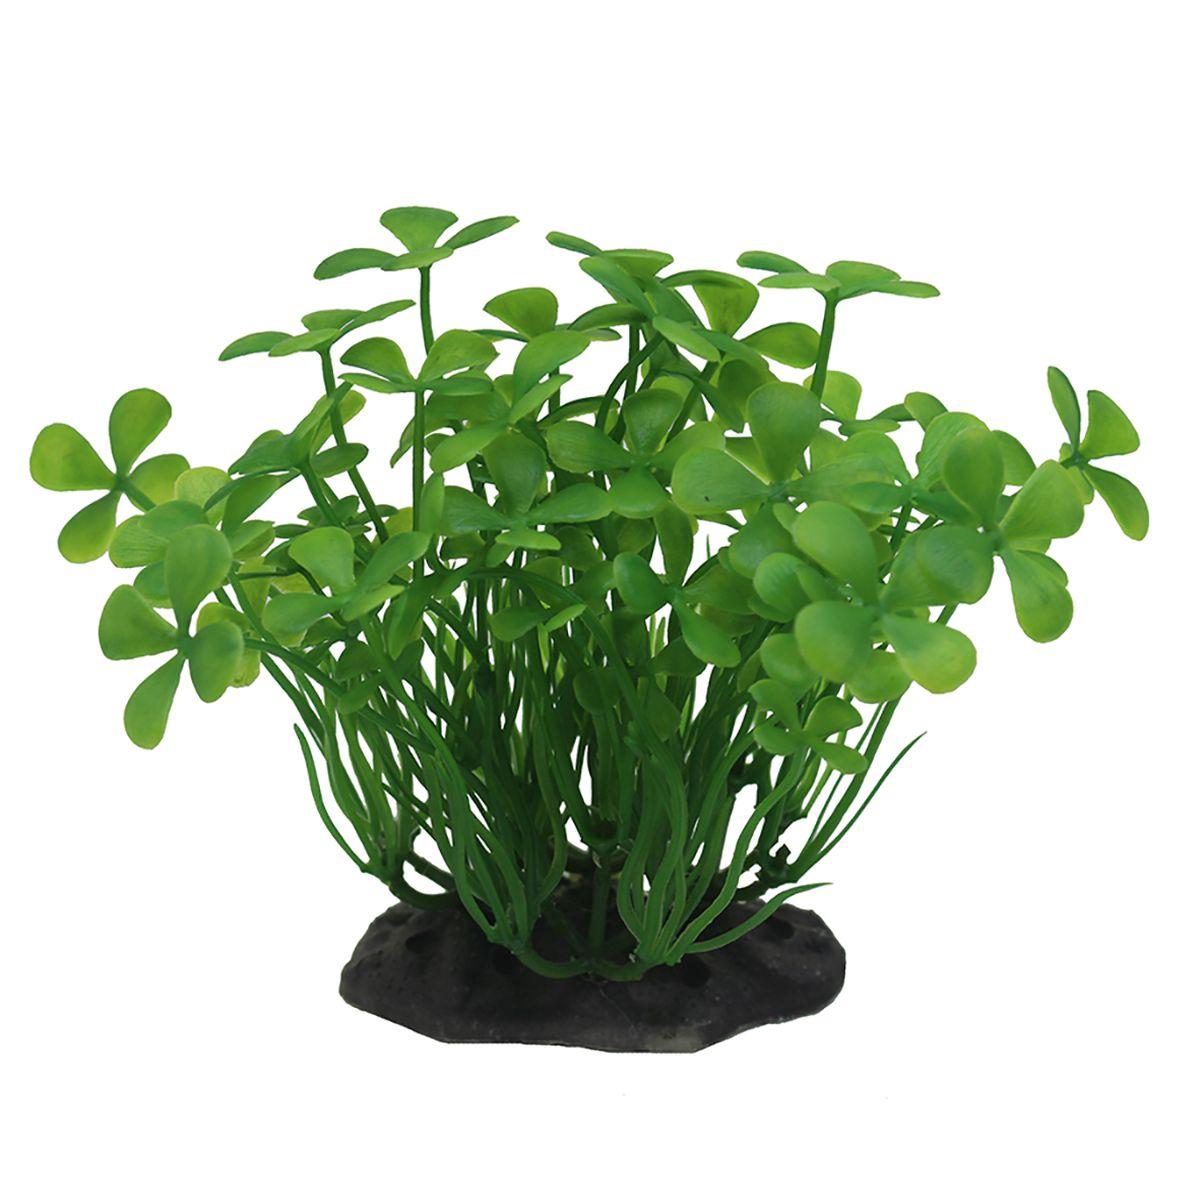 Растение для аквариума ArtUniq Марисилия зеленая, высота 10-12 смART-1192120Растение для аквариума ArtUniq Марисилия зеленая, высота 10-12 см